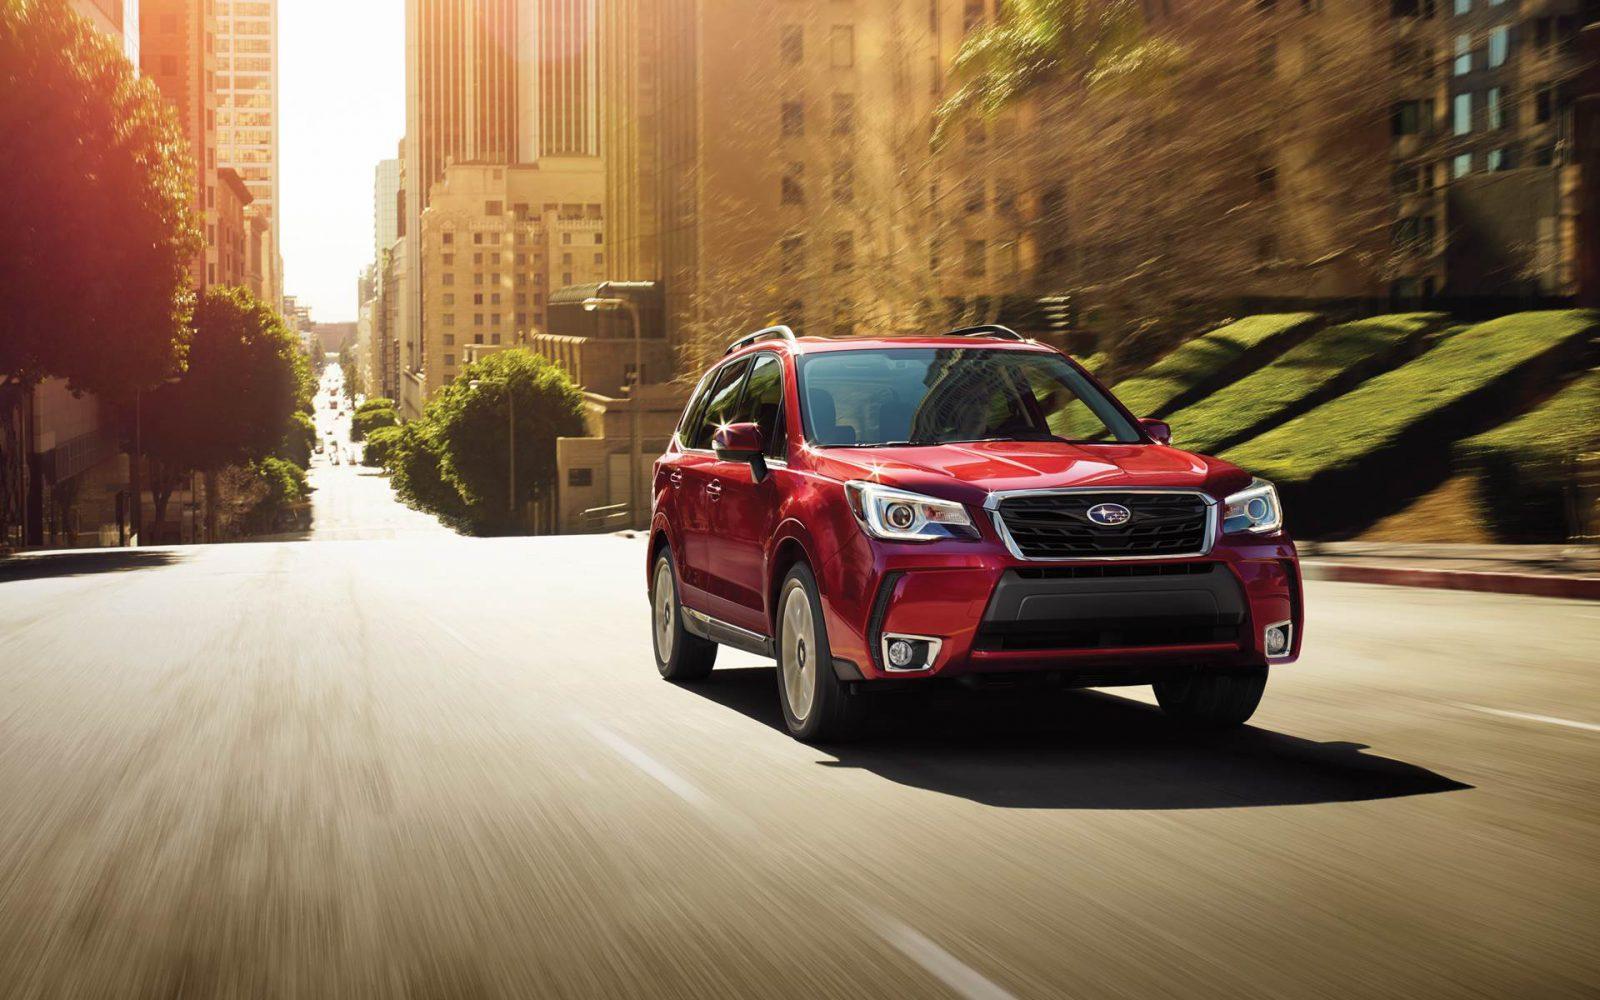 How Long Do Subarus Last >> Subaru Cars Life Expectancy: How Long Do Subarus Last?